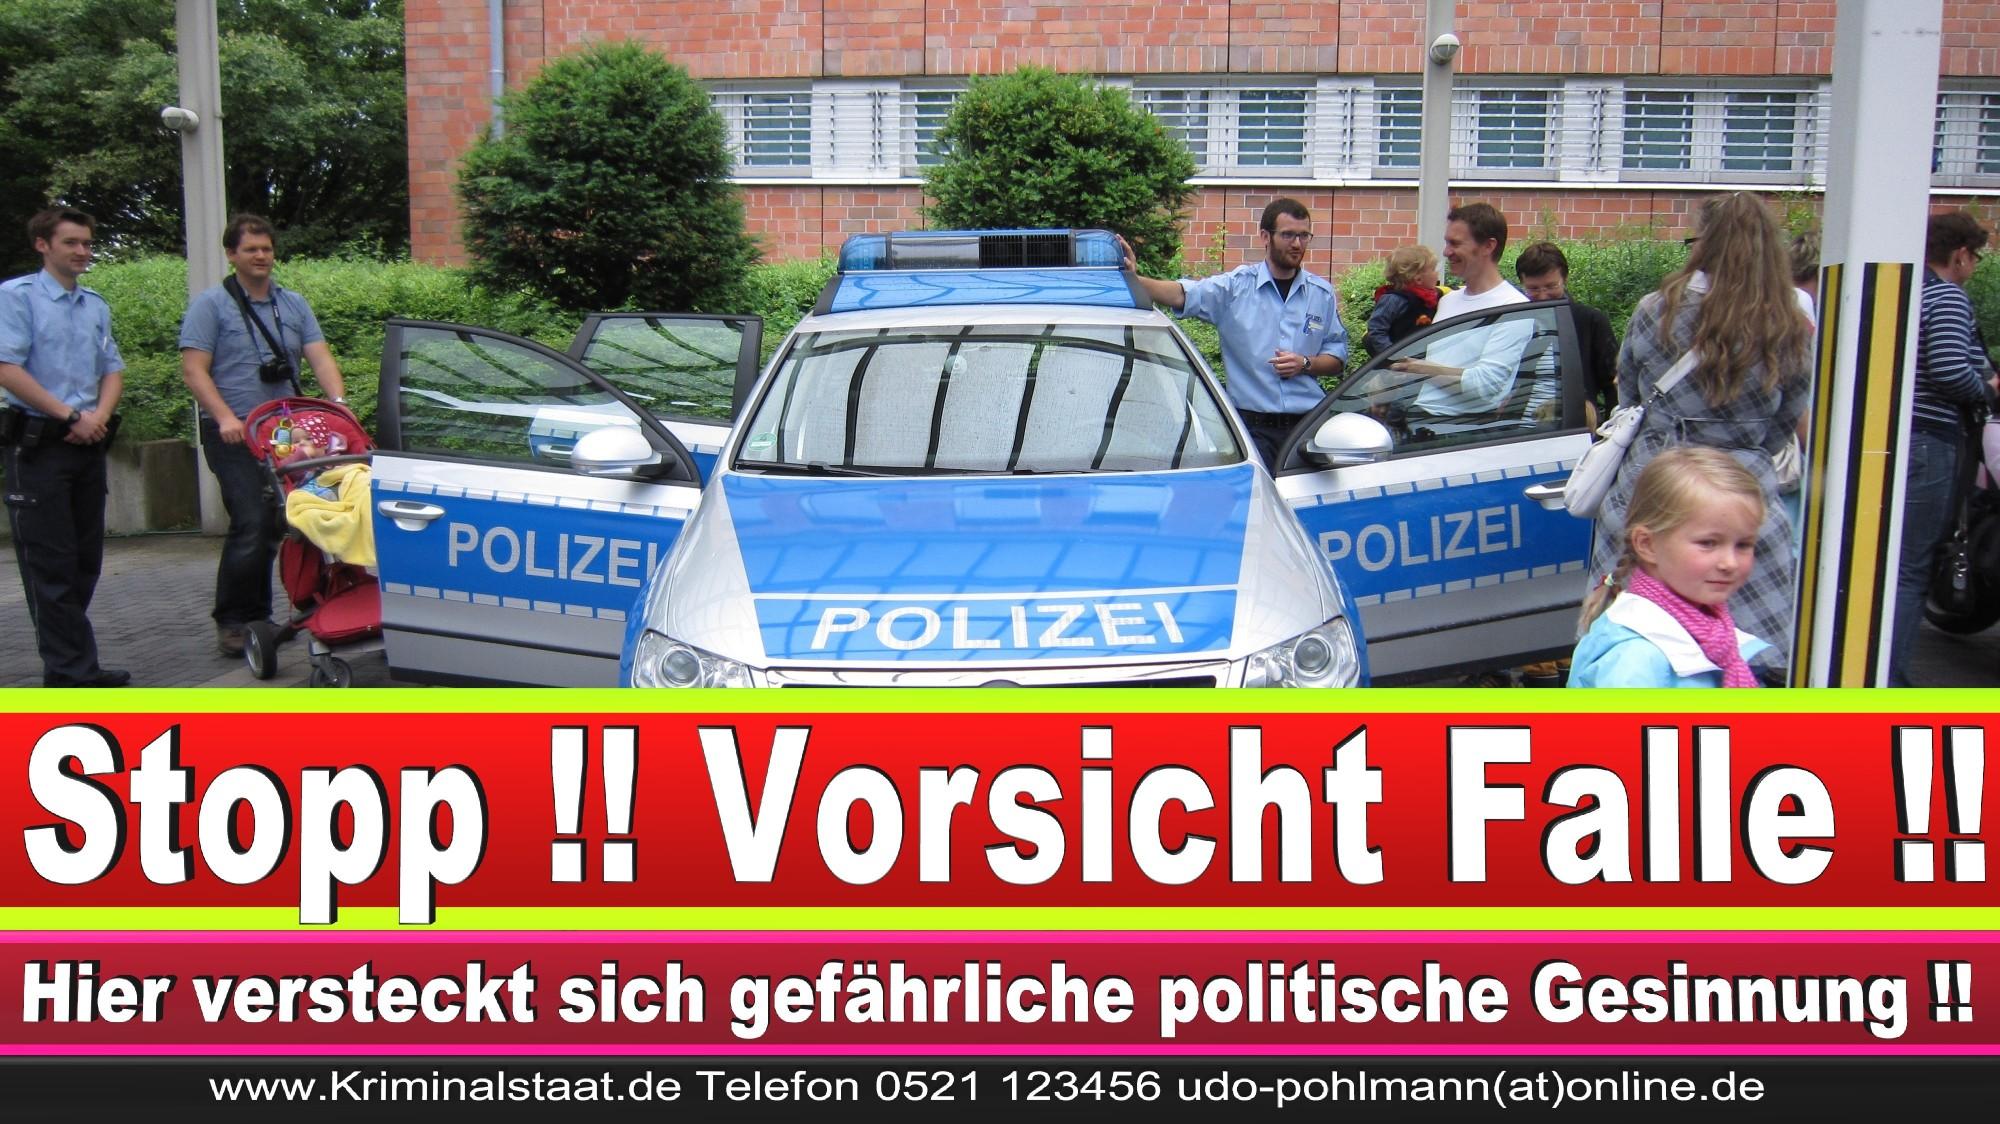 Polizeipräsidentin Katharina Giere Polizei Bielefeld NRW Erwin Südfeld Horst Kruse Polizeiuniform Polizeigewalt DEMONSTRATION Bahnhof (4) 1